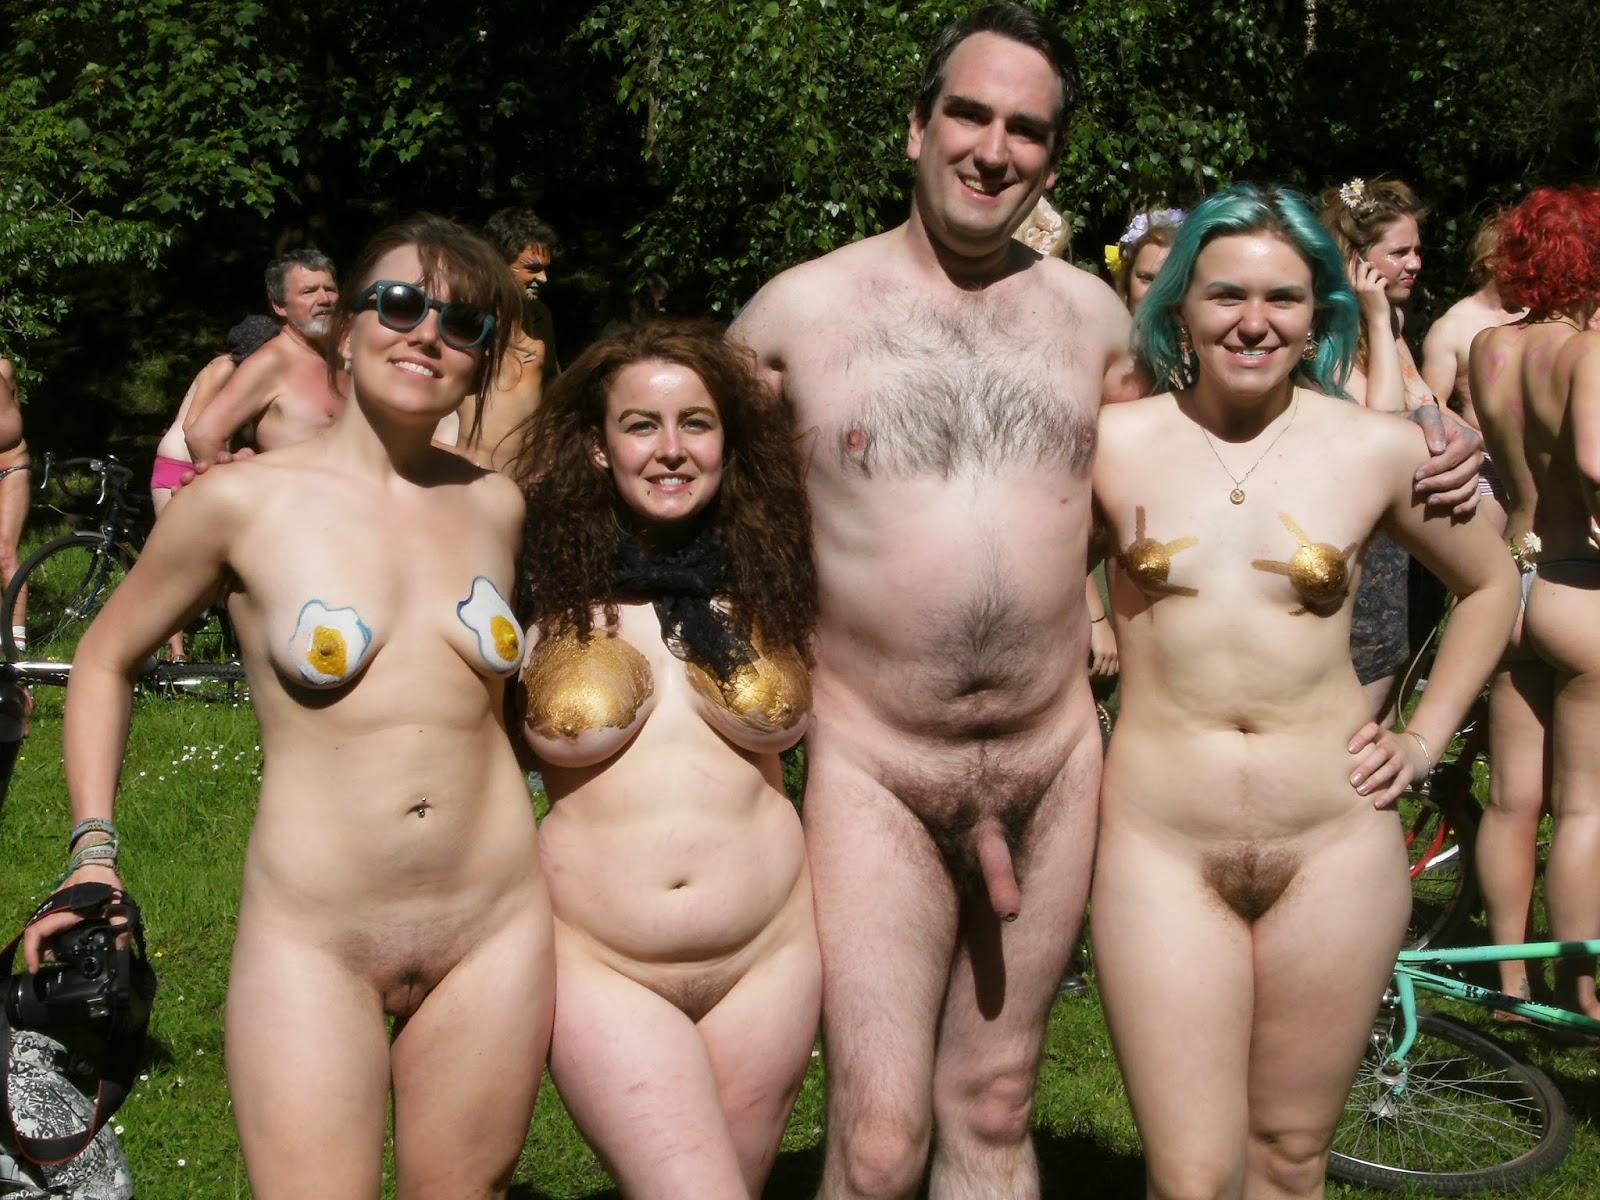 Фото голых девушки семейная, Семейные фотографии голых мам и дочерей 23 порно 2 фотография